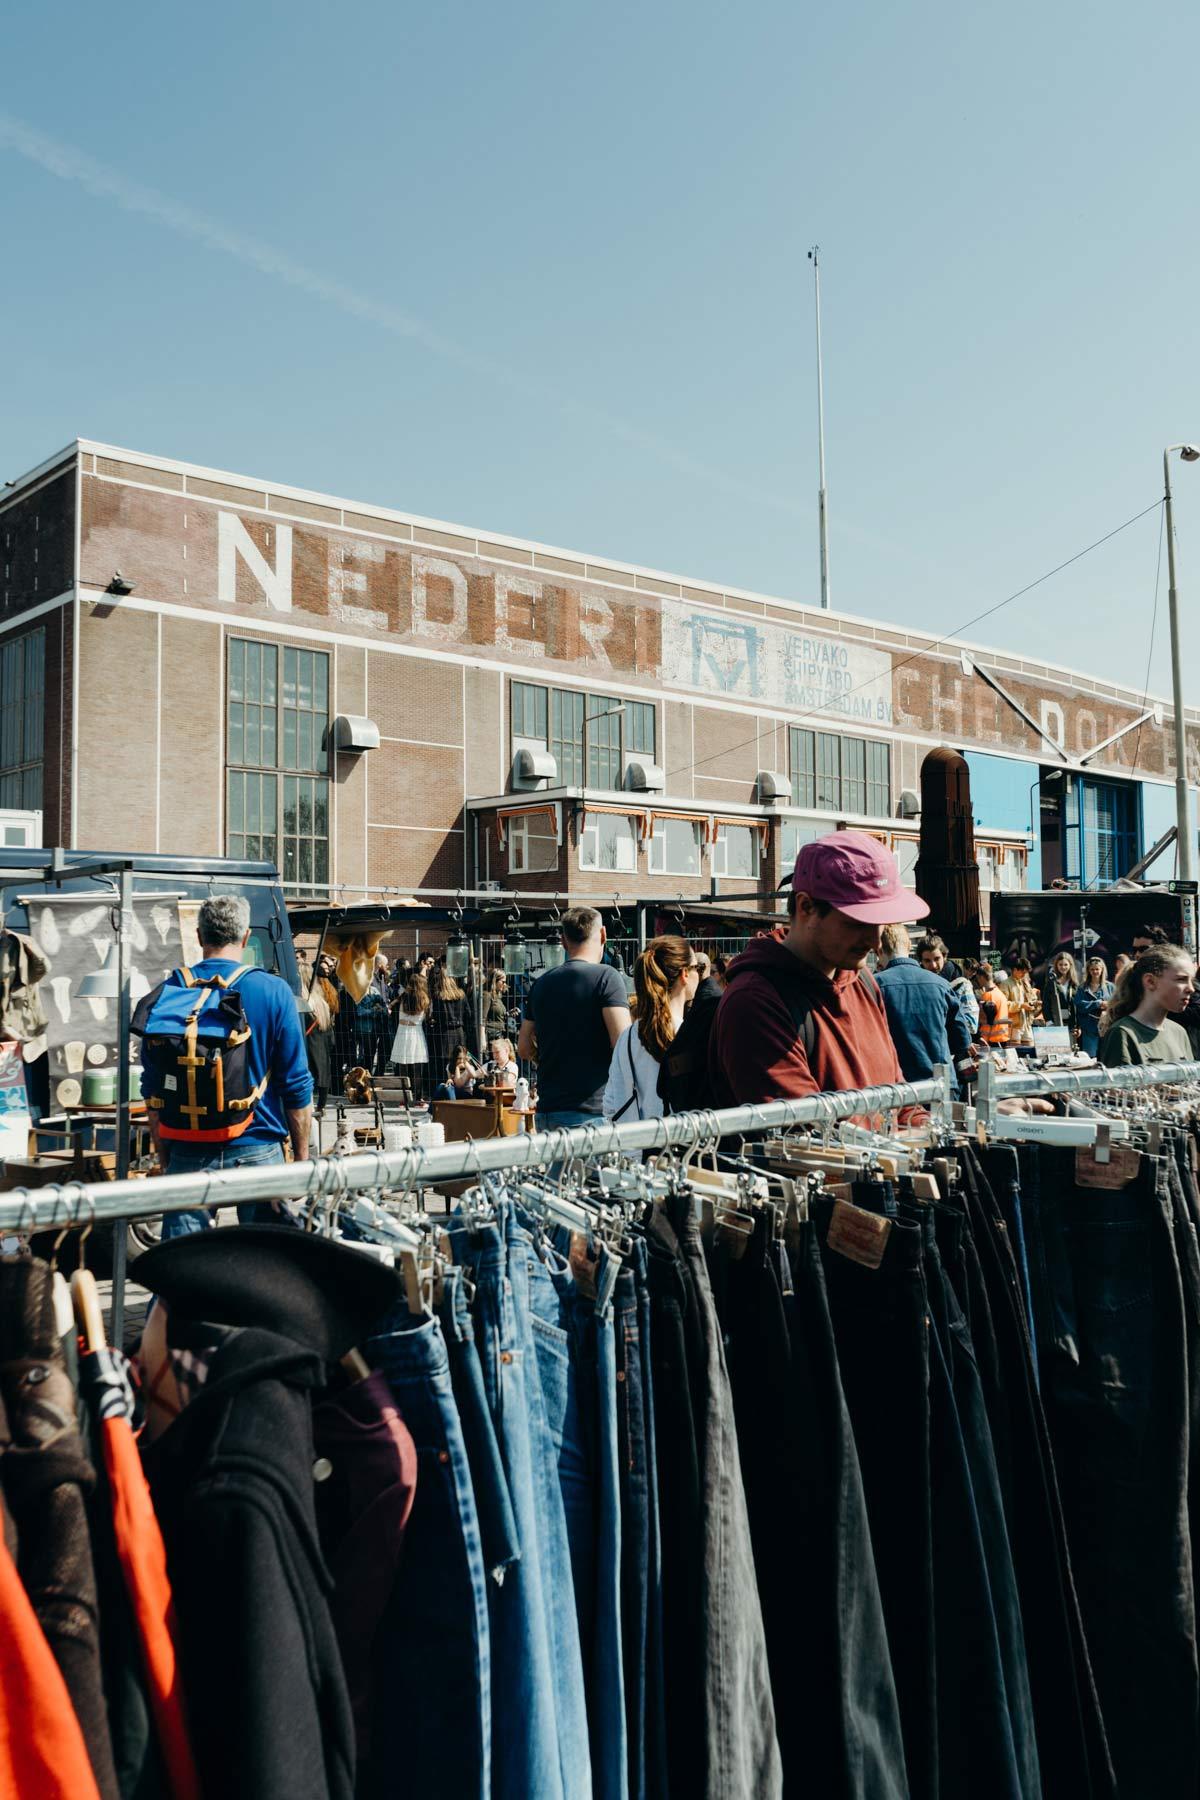 Flohmarkt IJ Hallen Amsterdam